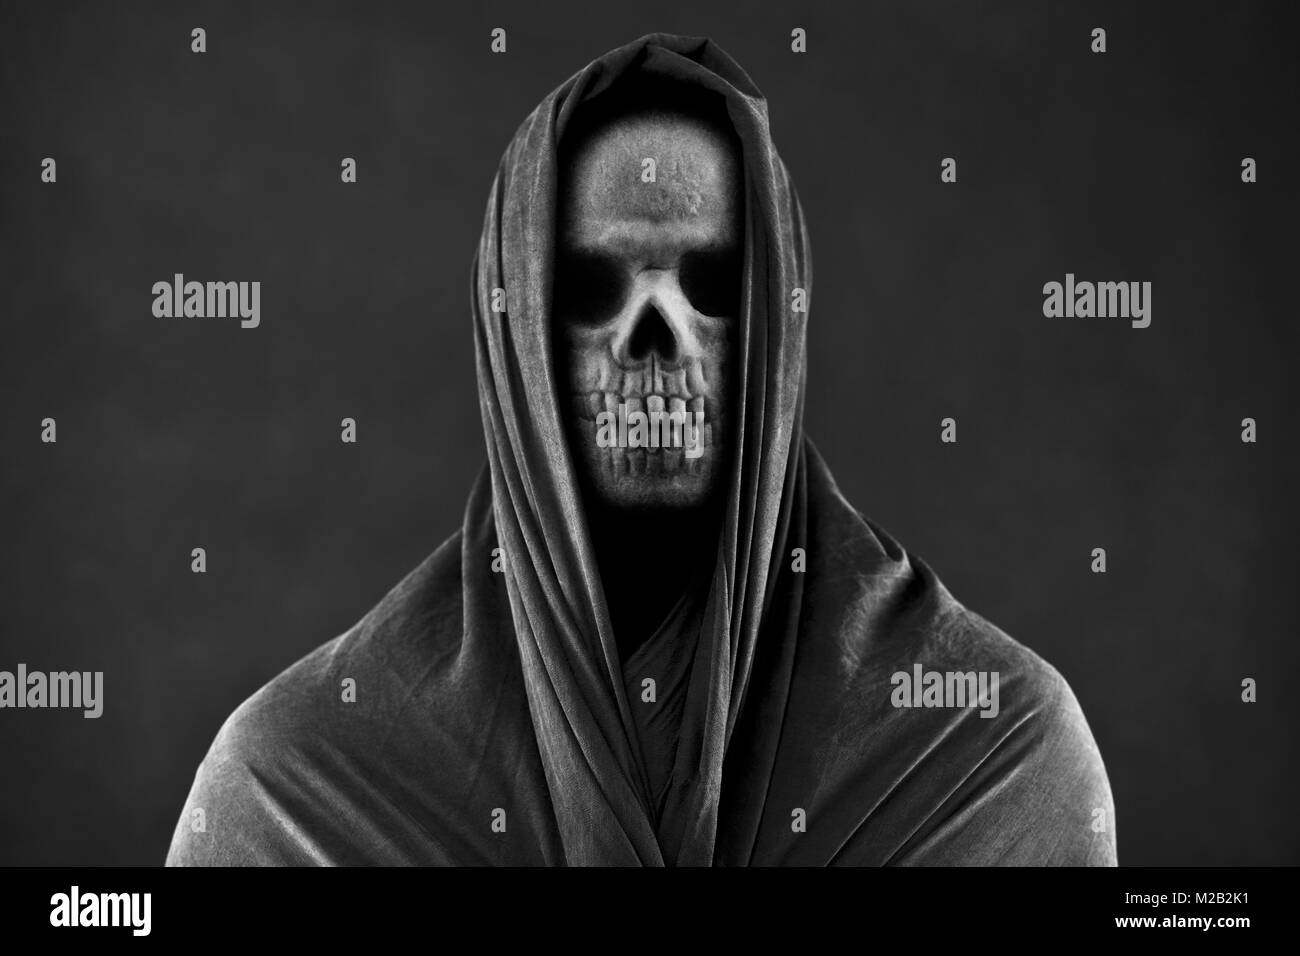 Grim reaper in the dark - Stock Image